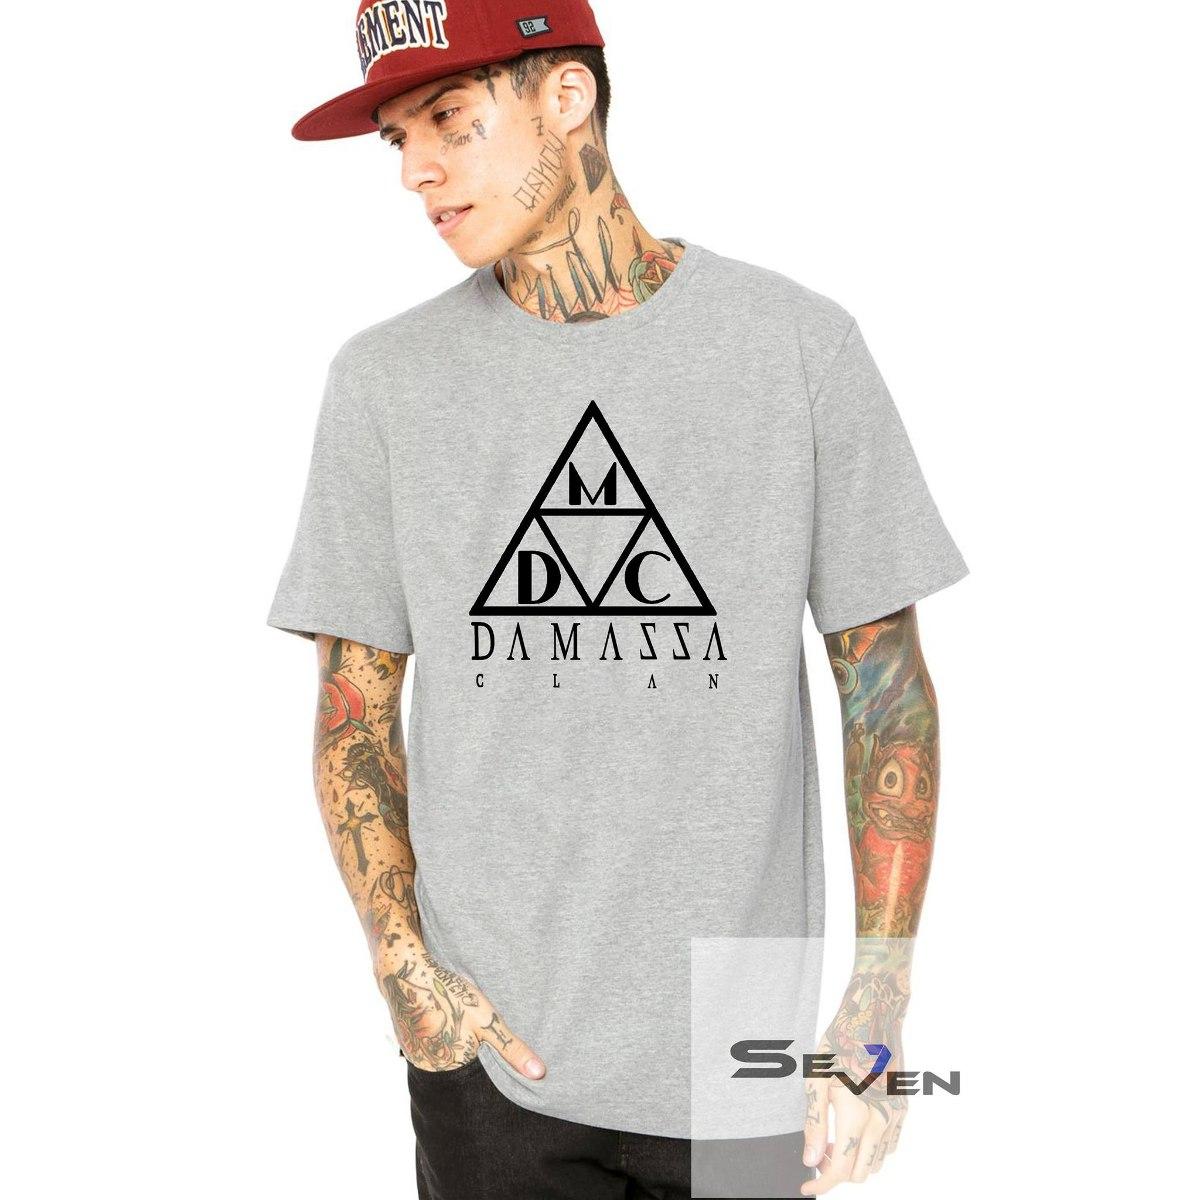 Camisa Camiseta Damassaclan Dmc Thug Life Rap Hip Hot - R  39 28ffb4e36da